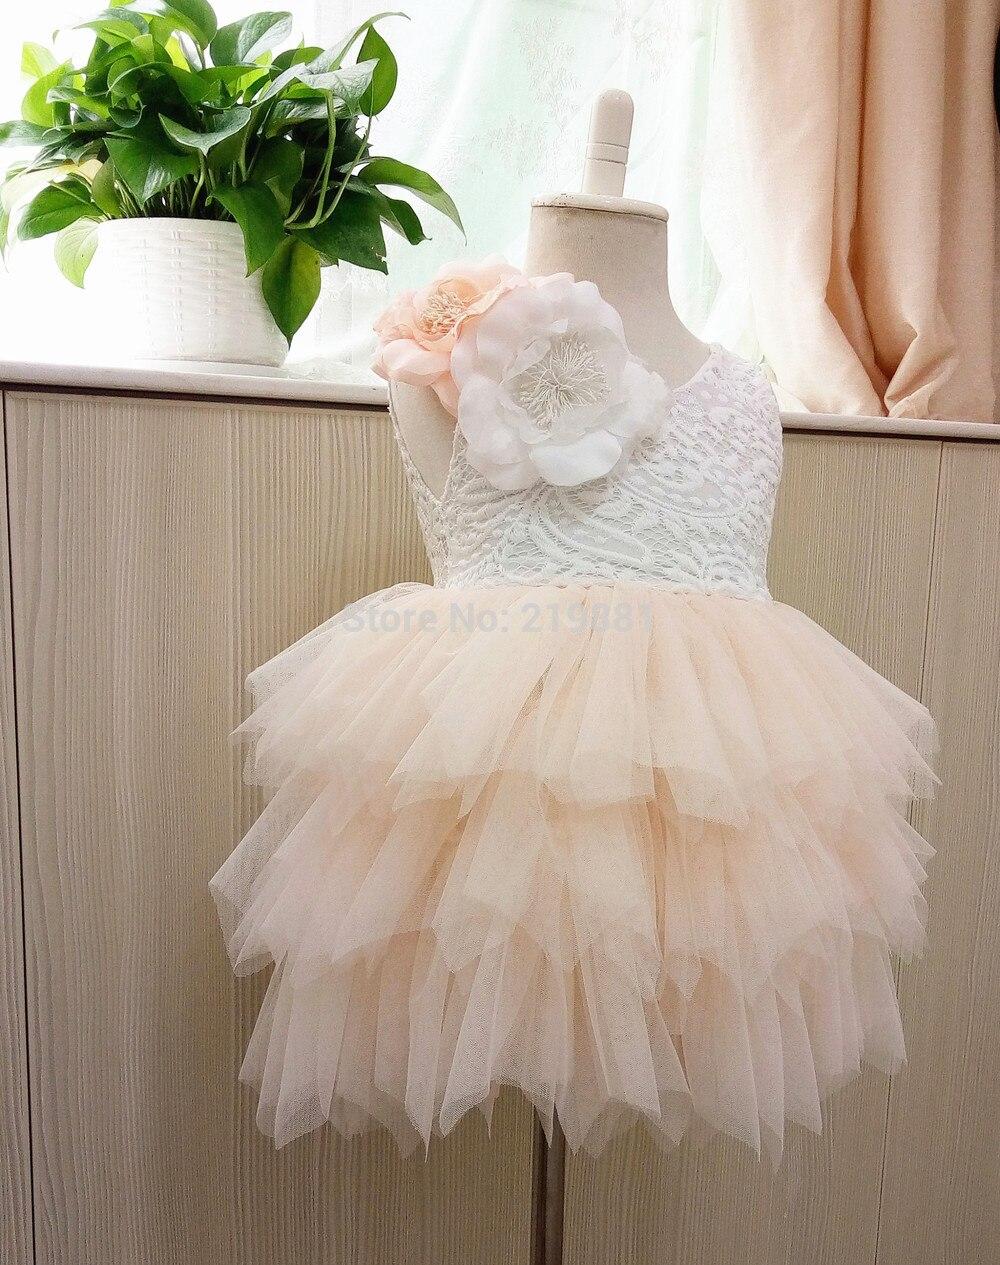 Retail  2017 Girl summer flower princess dress ,dresses for girls ,  girls clothing , RM02